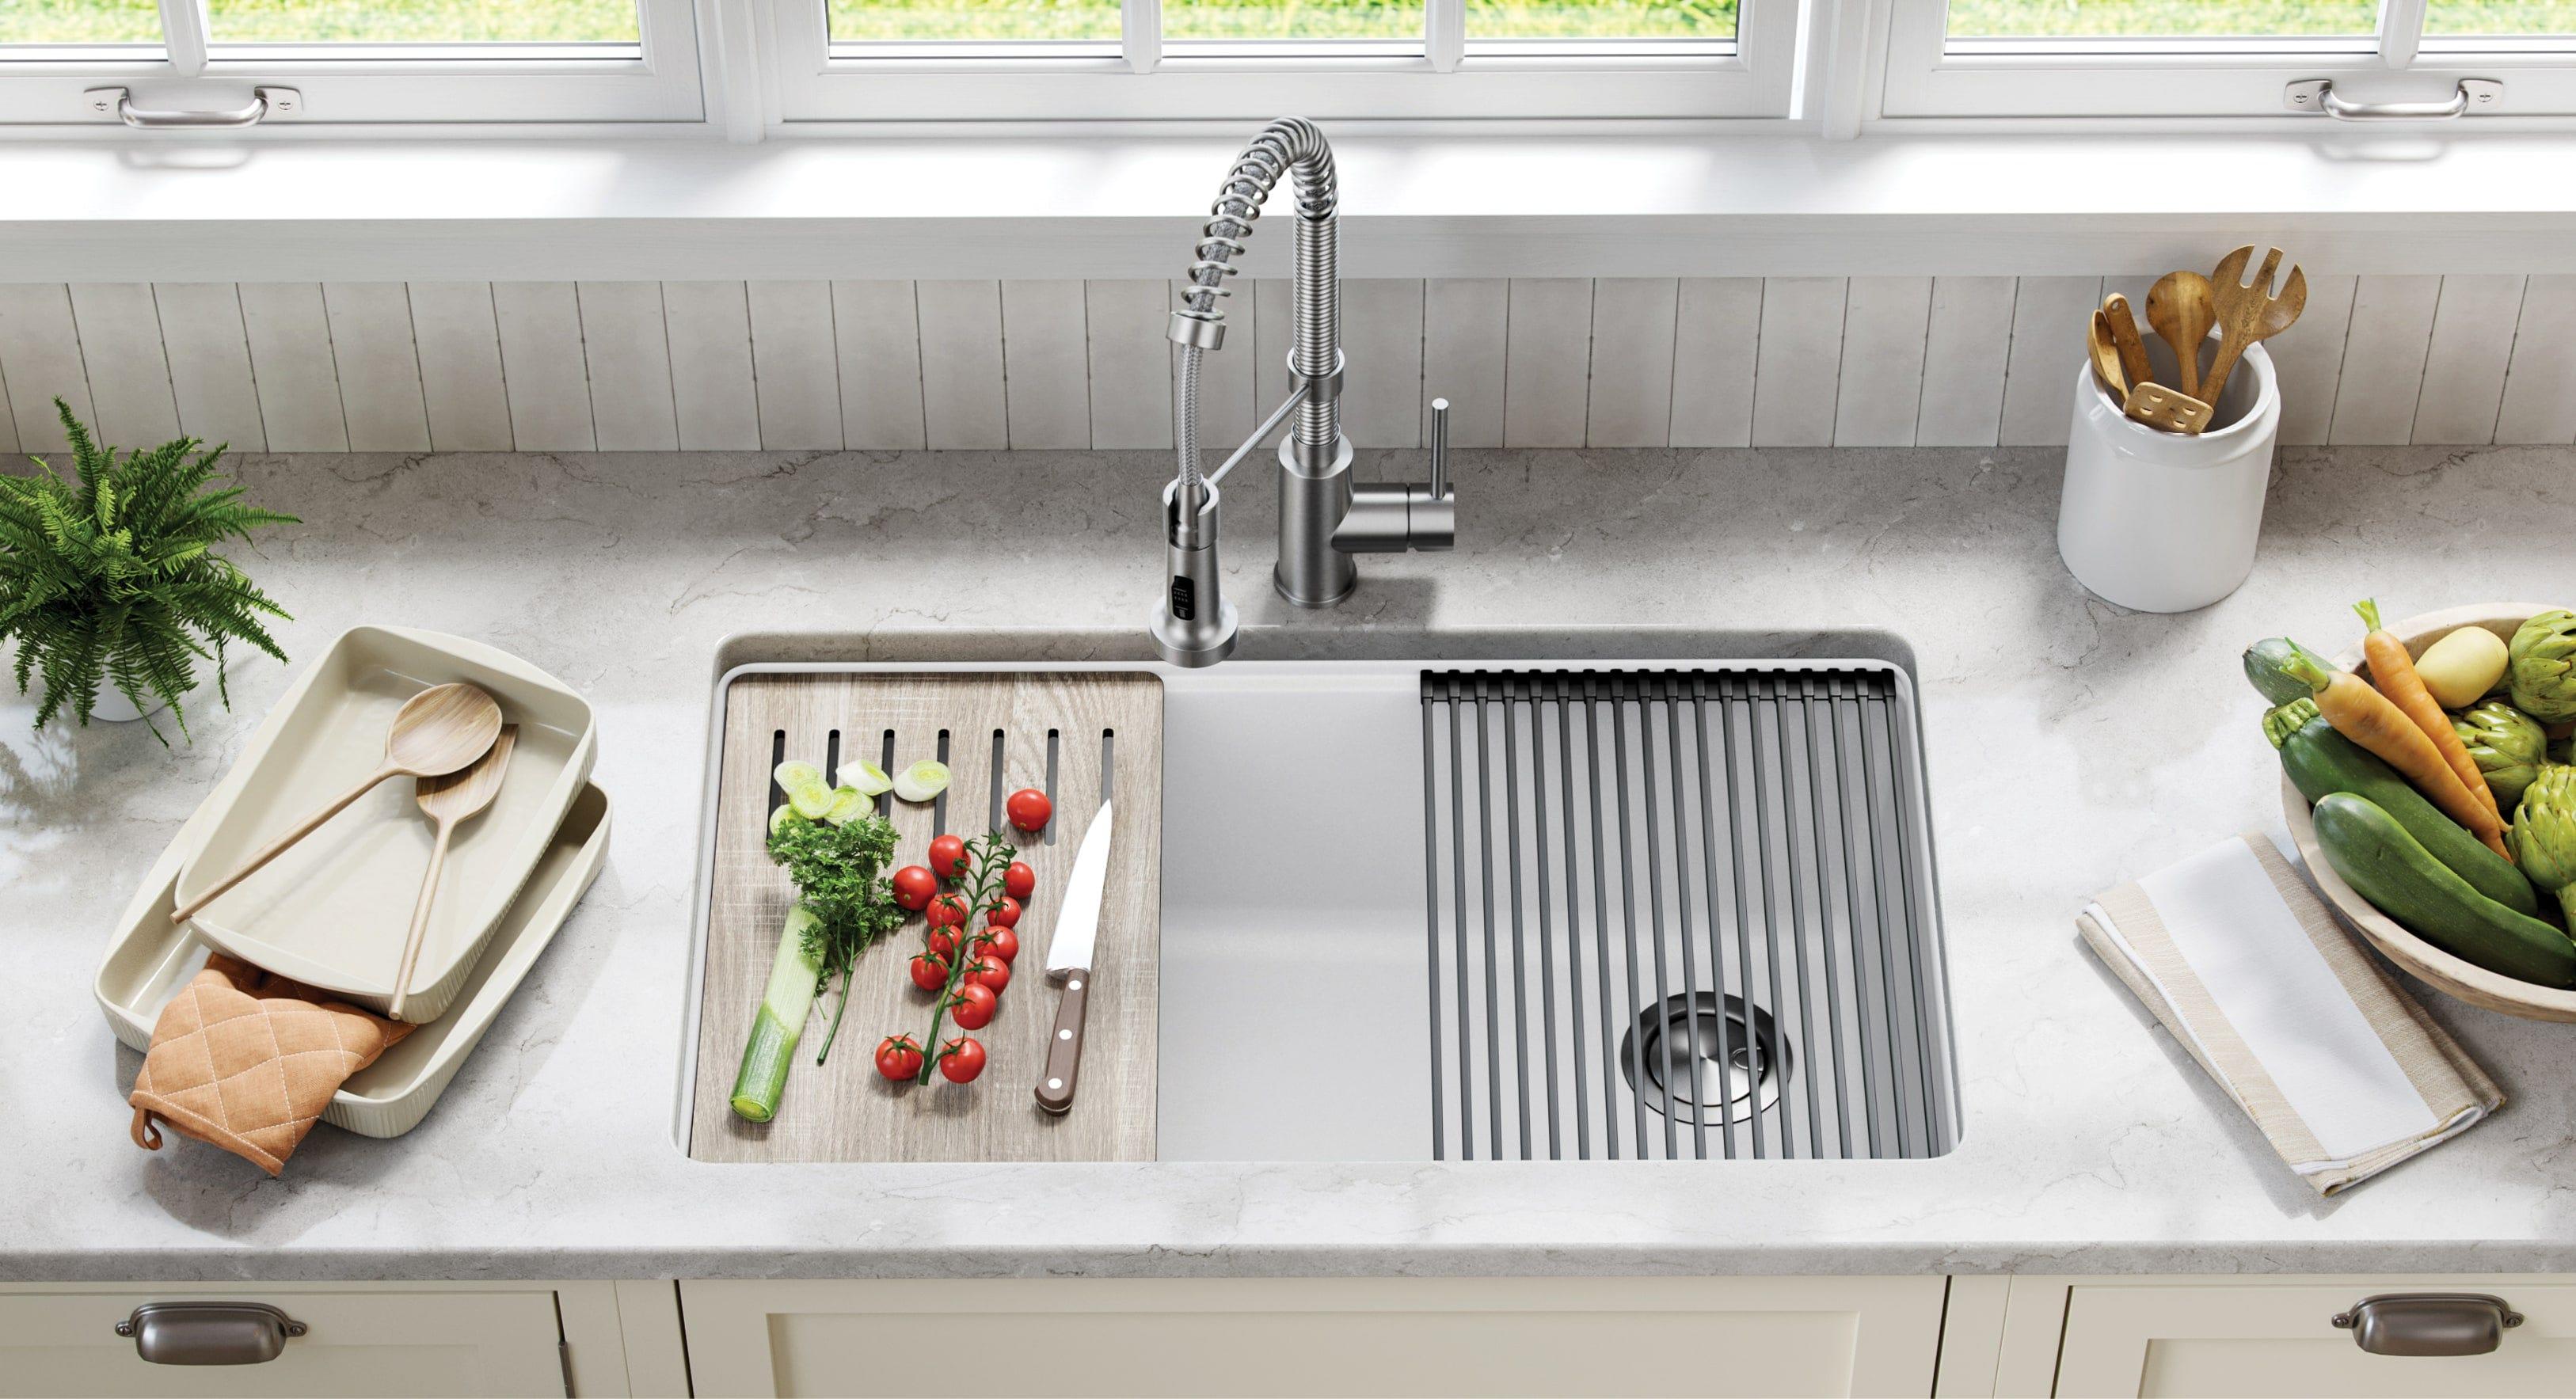 Kraus-33-inch-undermount-workstation-composite-kitchen-sink-accessories